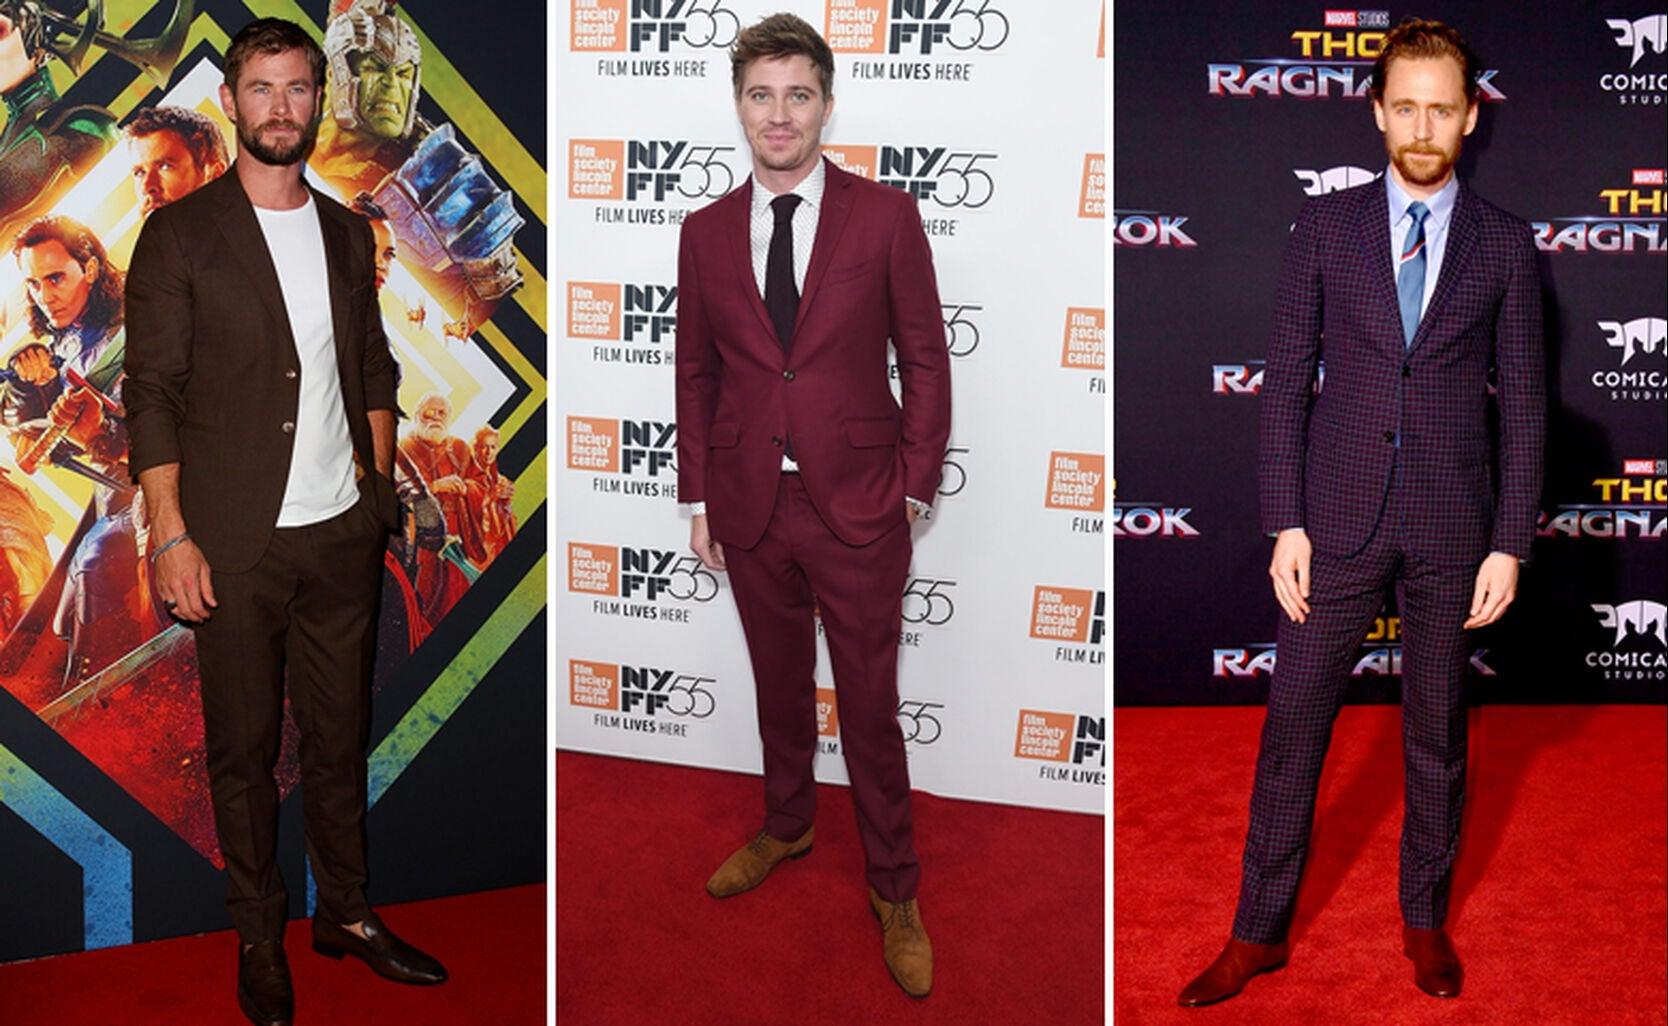 Chris Hemsworth, Garrett Hedlund and Tom Hiddleston